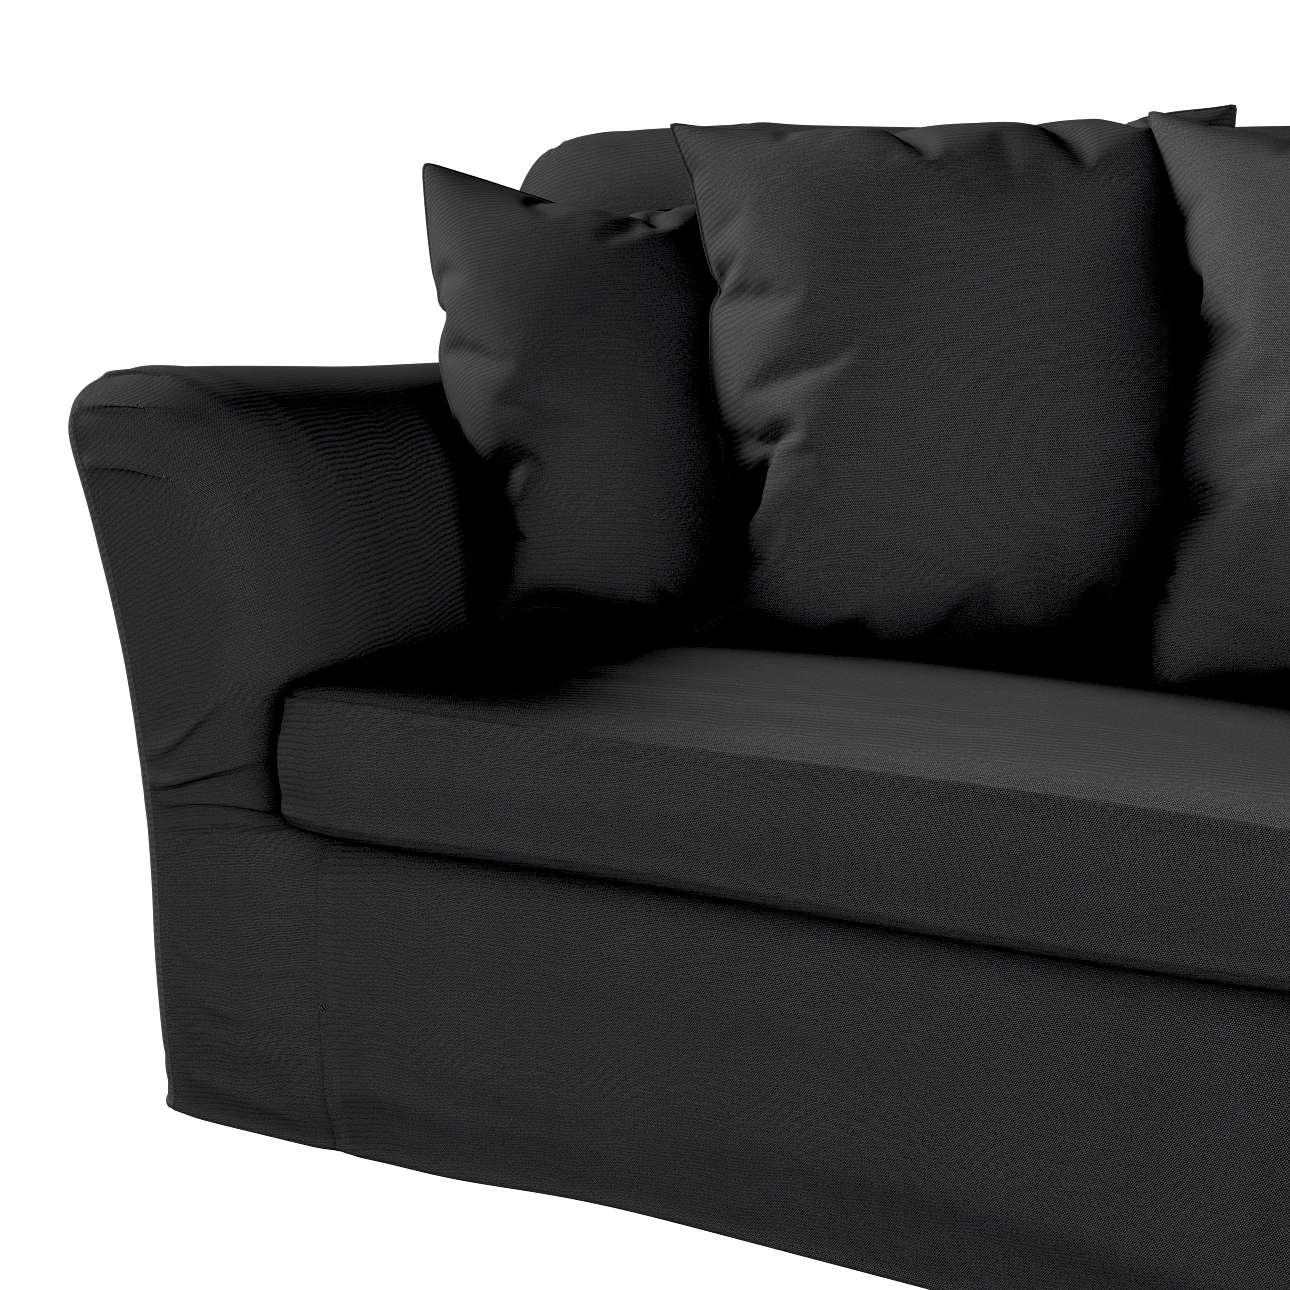 Pokrowiec na sofę Tomelilla 3-osobową rozkładaną w kolekcji Etna, tkanina: 705-00